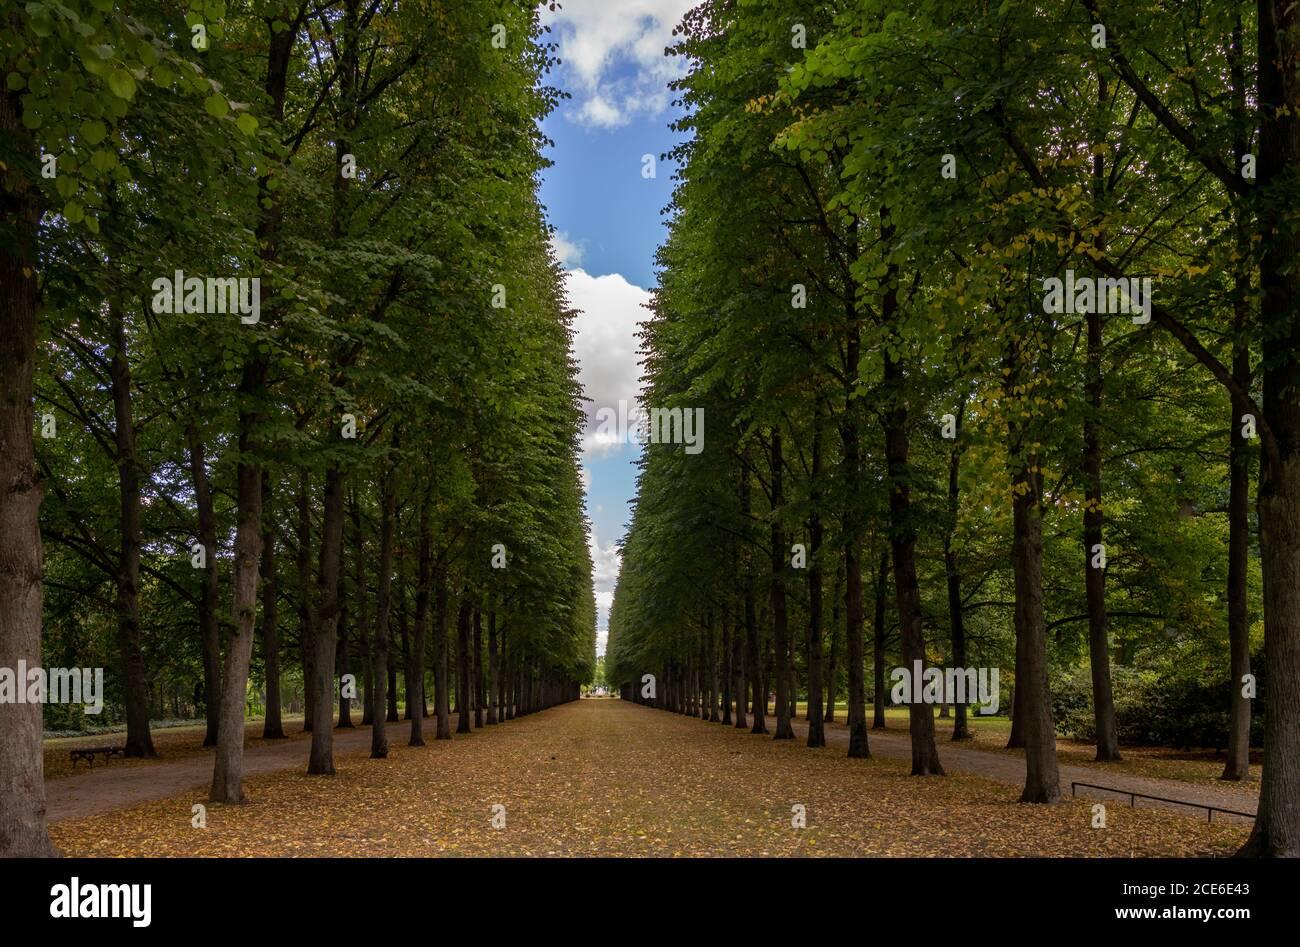 Un hermoso callejón sin fin de árboles altos conducen a la horizonte Foto de stock